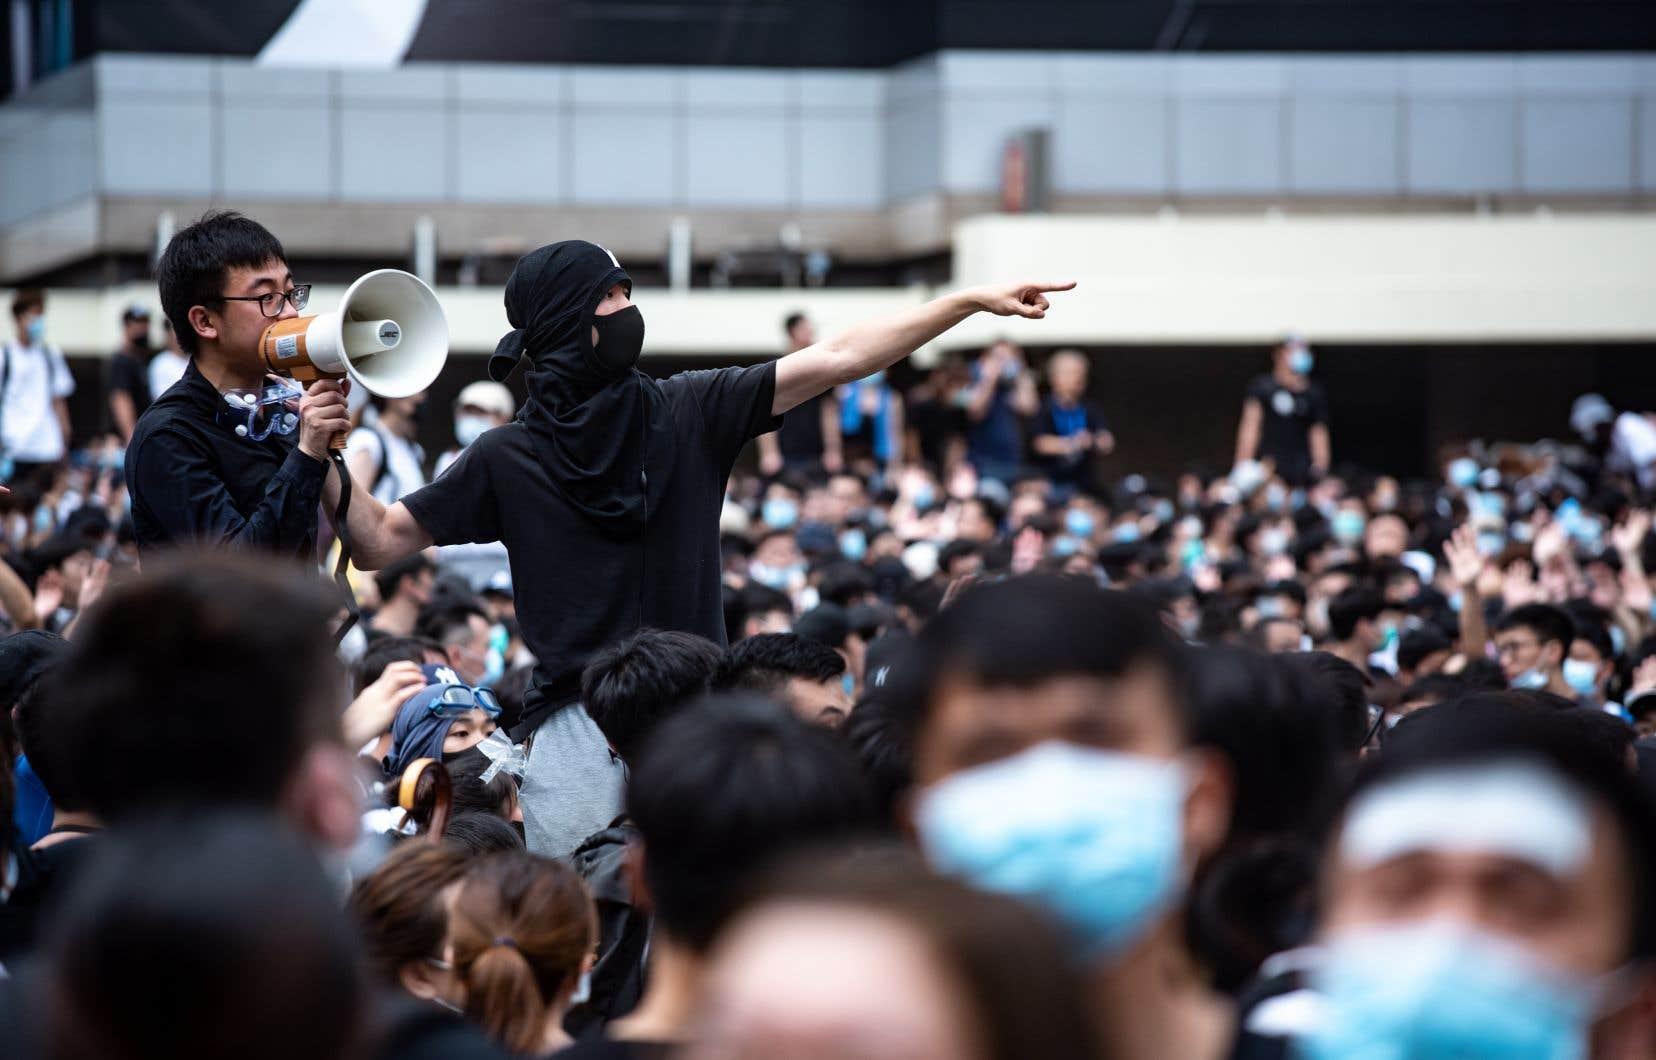 Des milliers de protestataires vêtus de noir, pour la plupart des jeunes gens, encerclaient les bâtiments du gouvernement dans le centre de l'île de Hong Kong et paralysaient la circulation pour exiger le retrait du projet soutenu par Pékin.